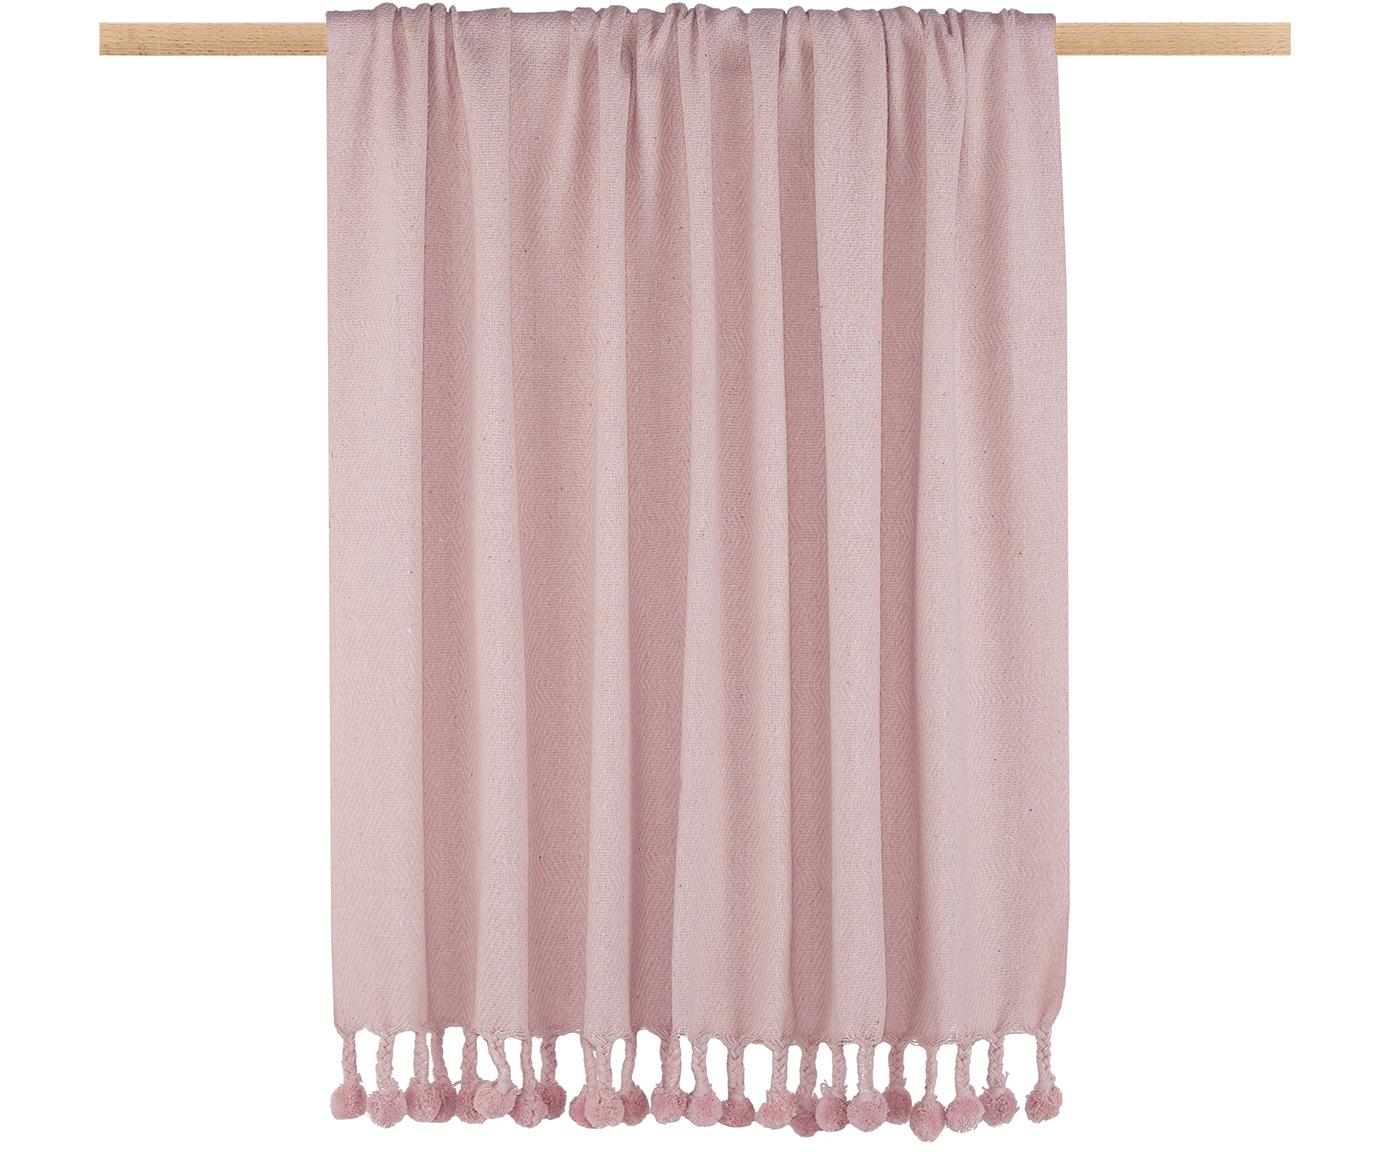 Plaid Sorbet, Materiale riciclato proveniente dall'industria della moda in diversi colori, 100% cotone, Rosa, Larg. 130 x Lung. 186 cm